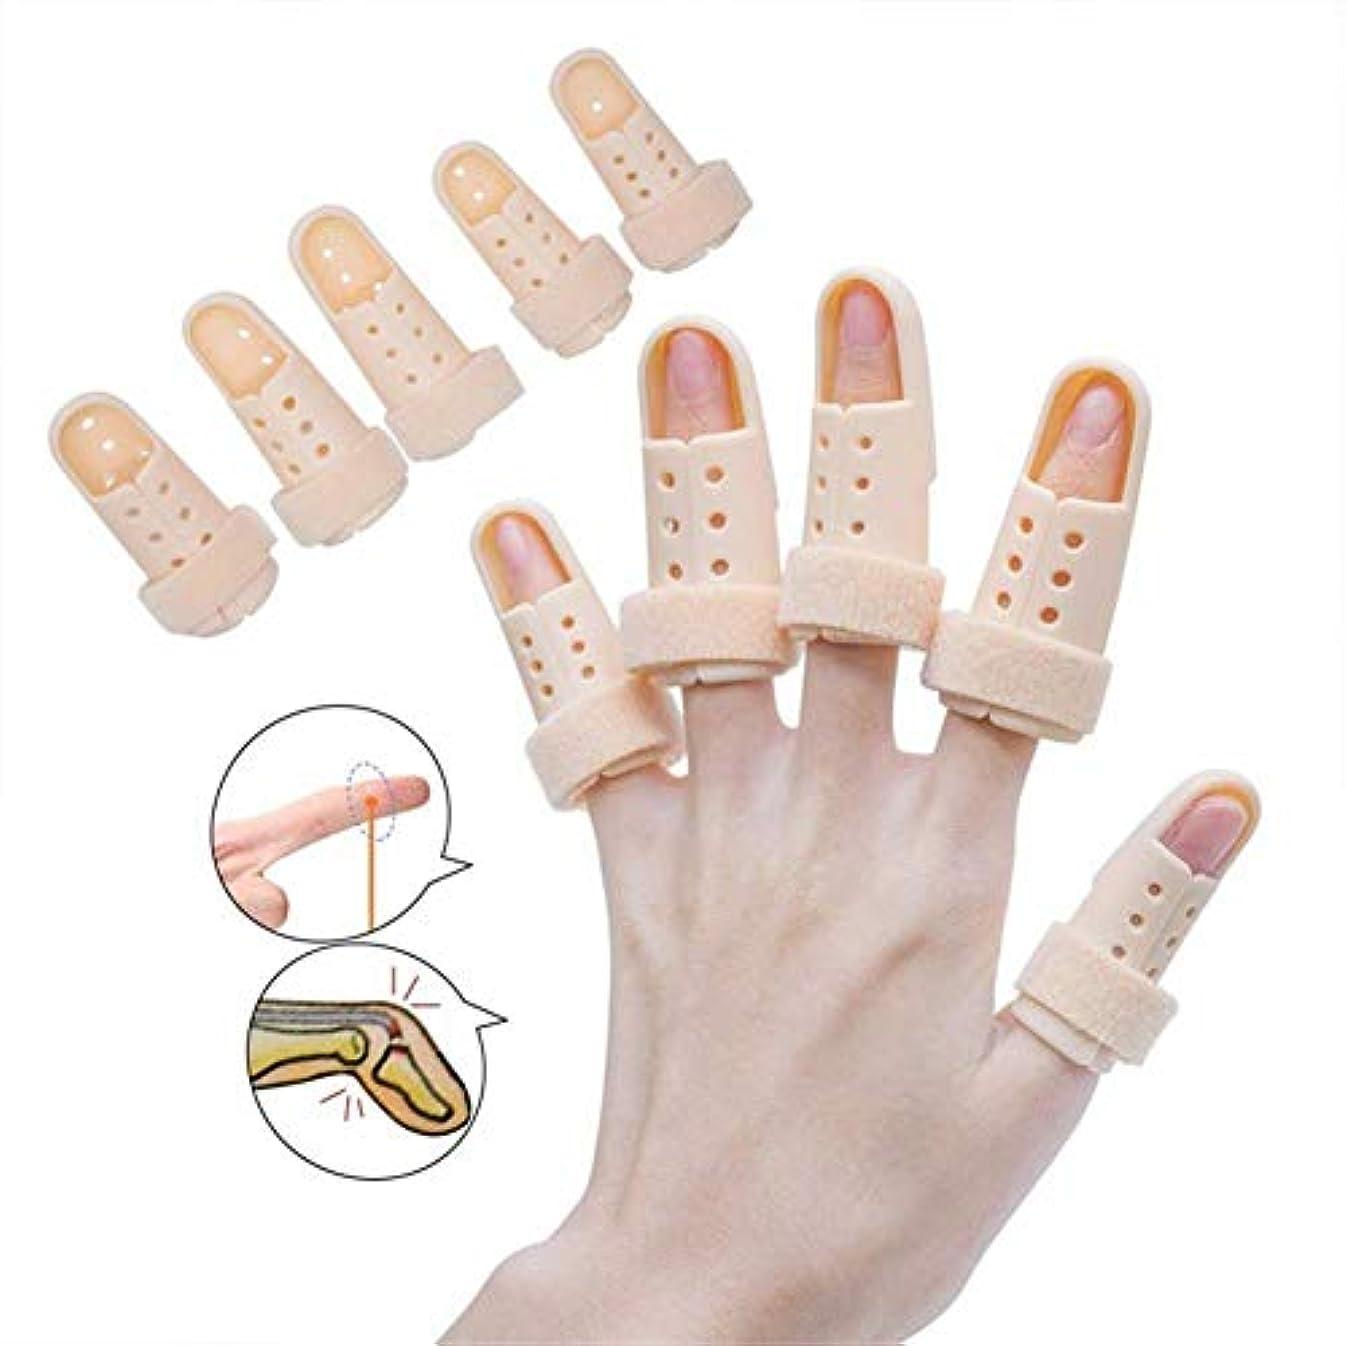 発表学校キャスト指の怪我のサポート、スプリントは指の捻rain関節炎の中立保護骨折サポートのスプリントをトリガーします